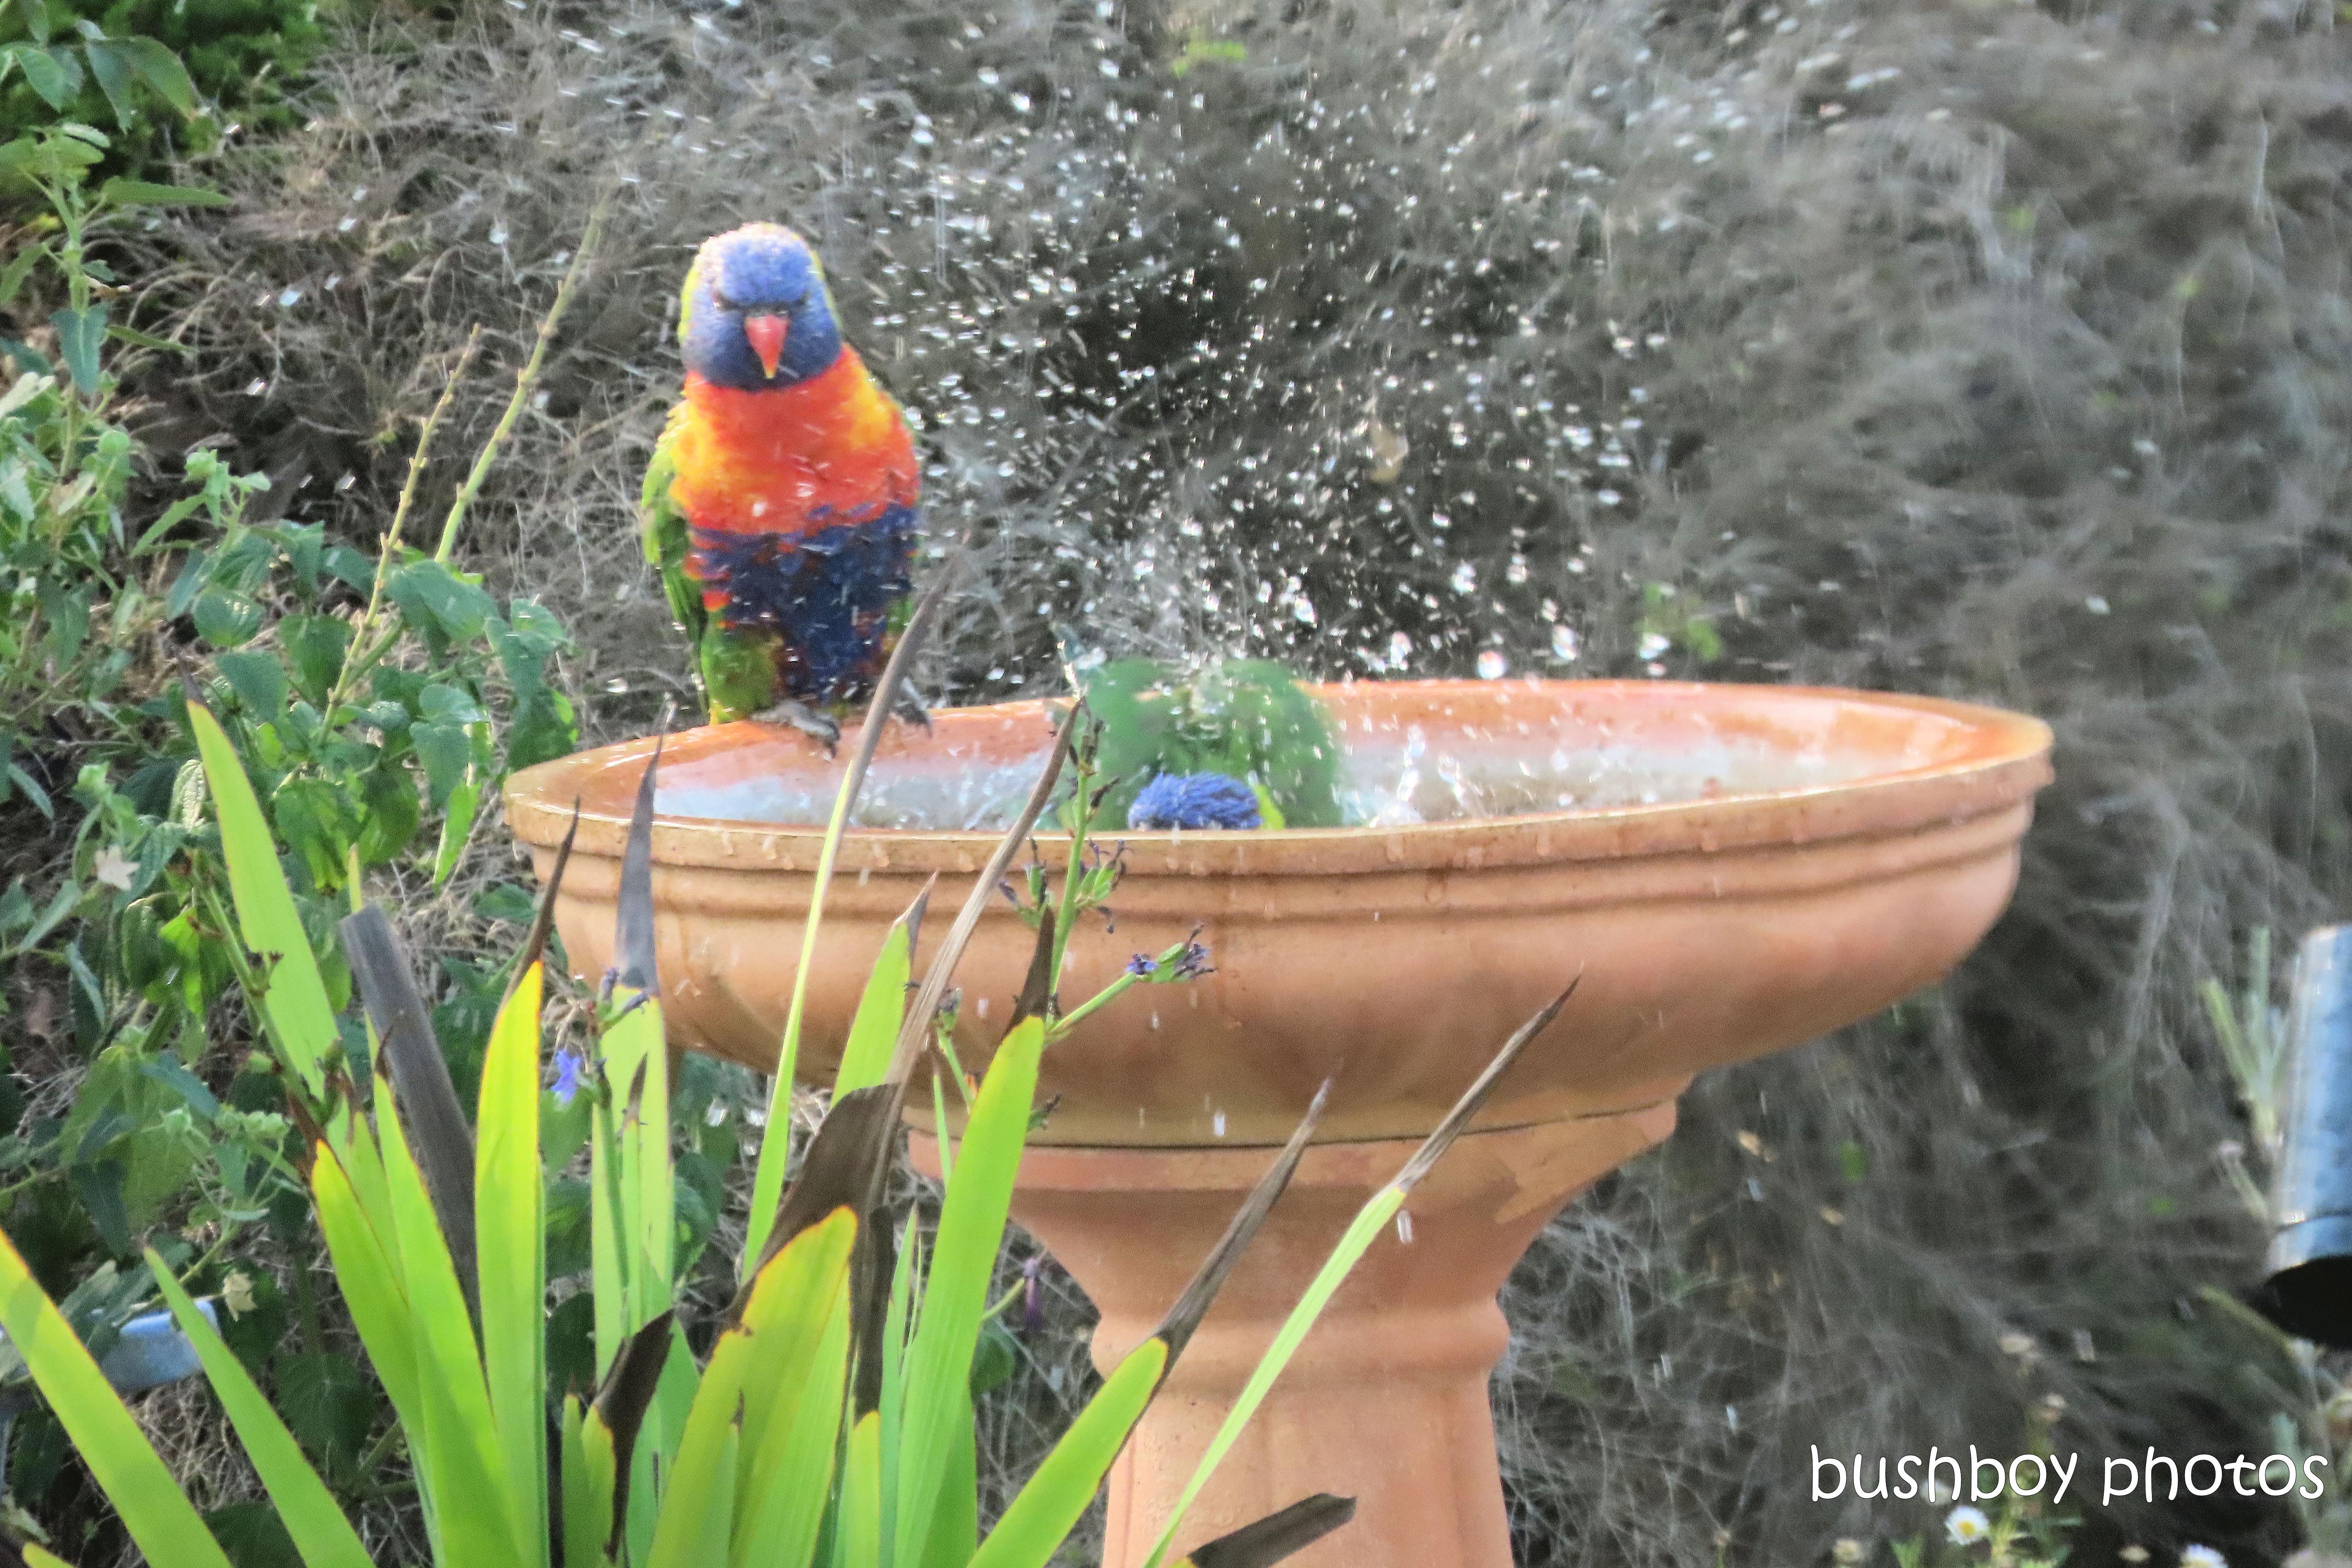 rainbow_lorikeets_bird_bath_fun_splash4_named_caniaba_oct 2019